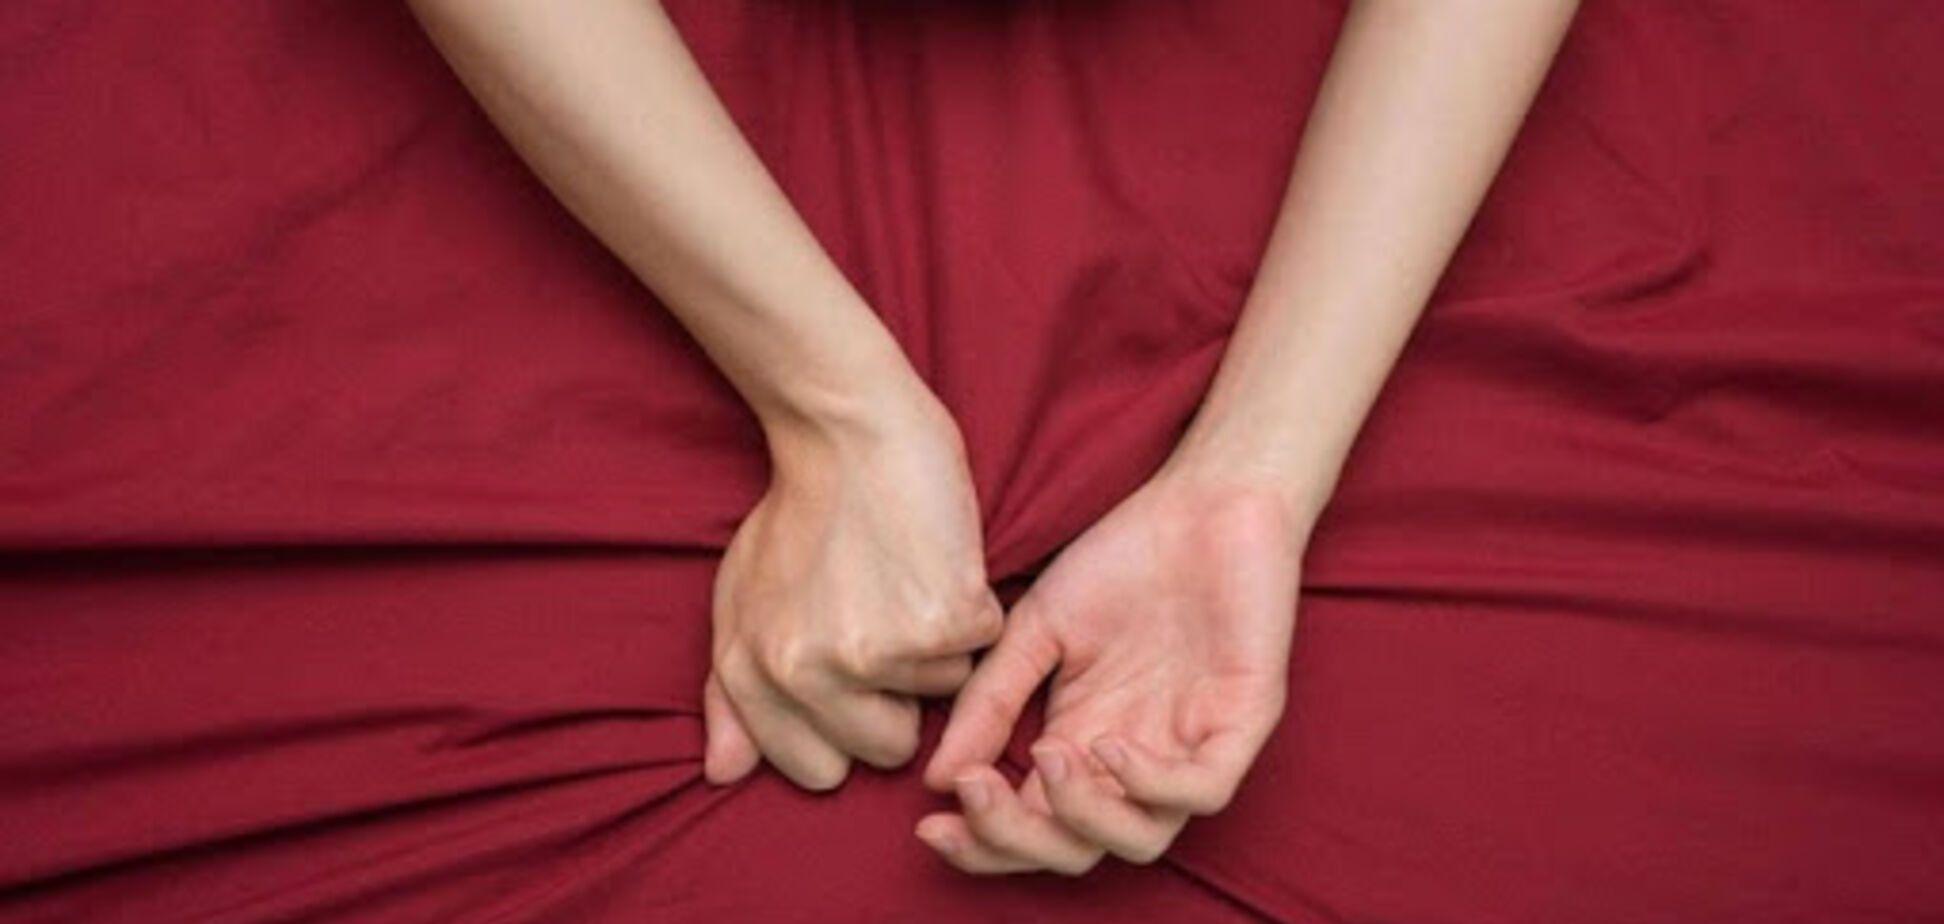 Проблеми з сексом: як зрозуміти, що щось пішло не так